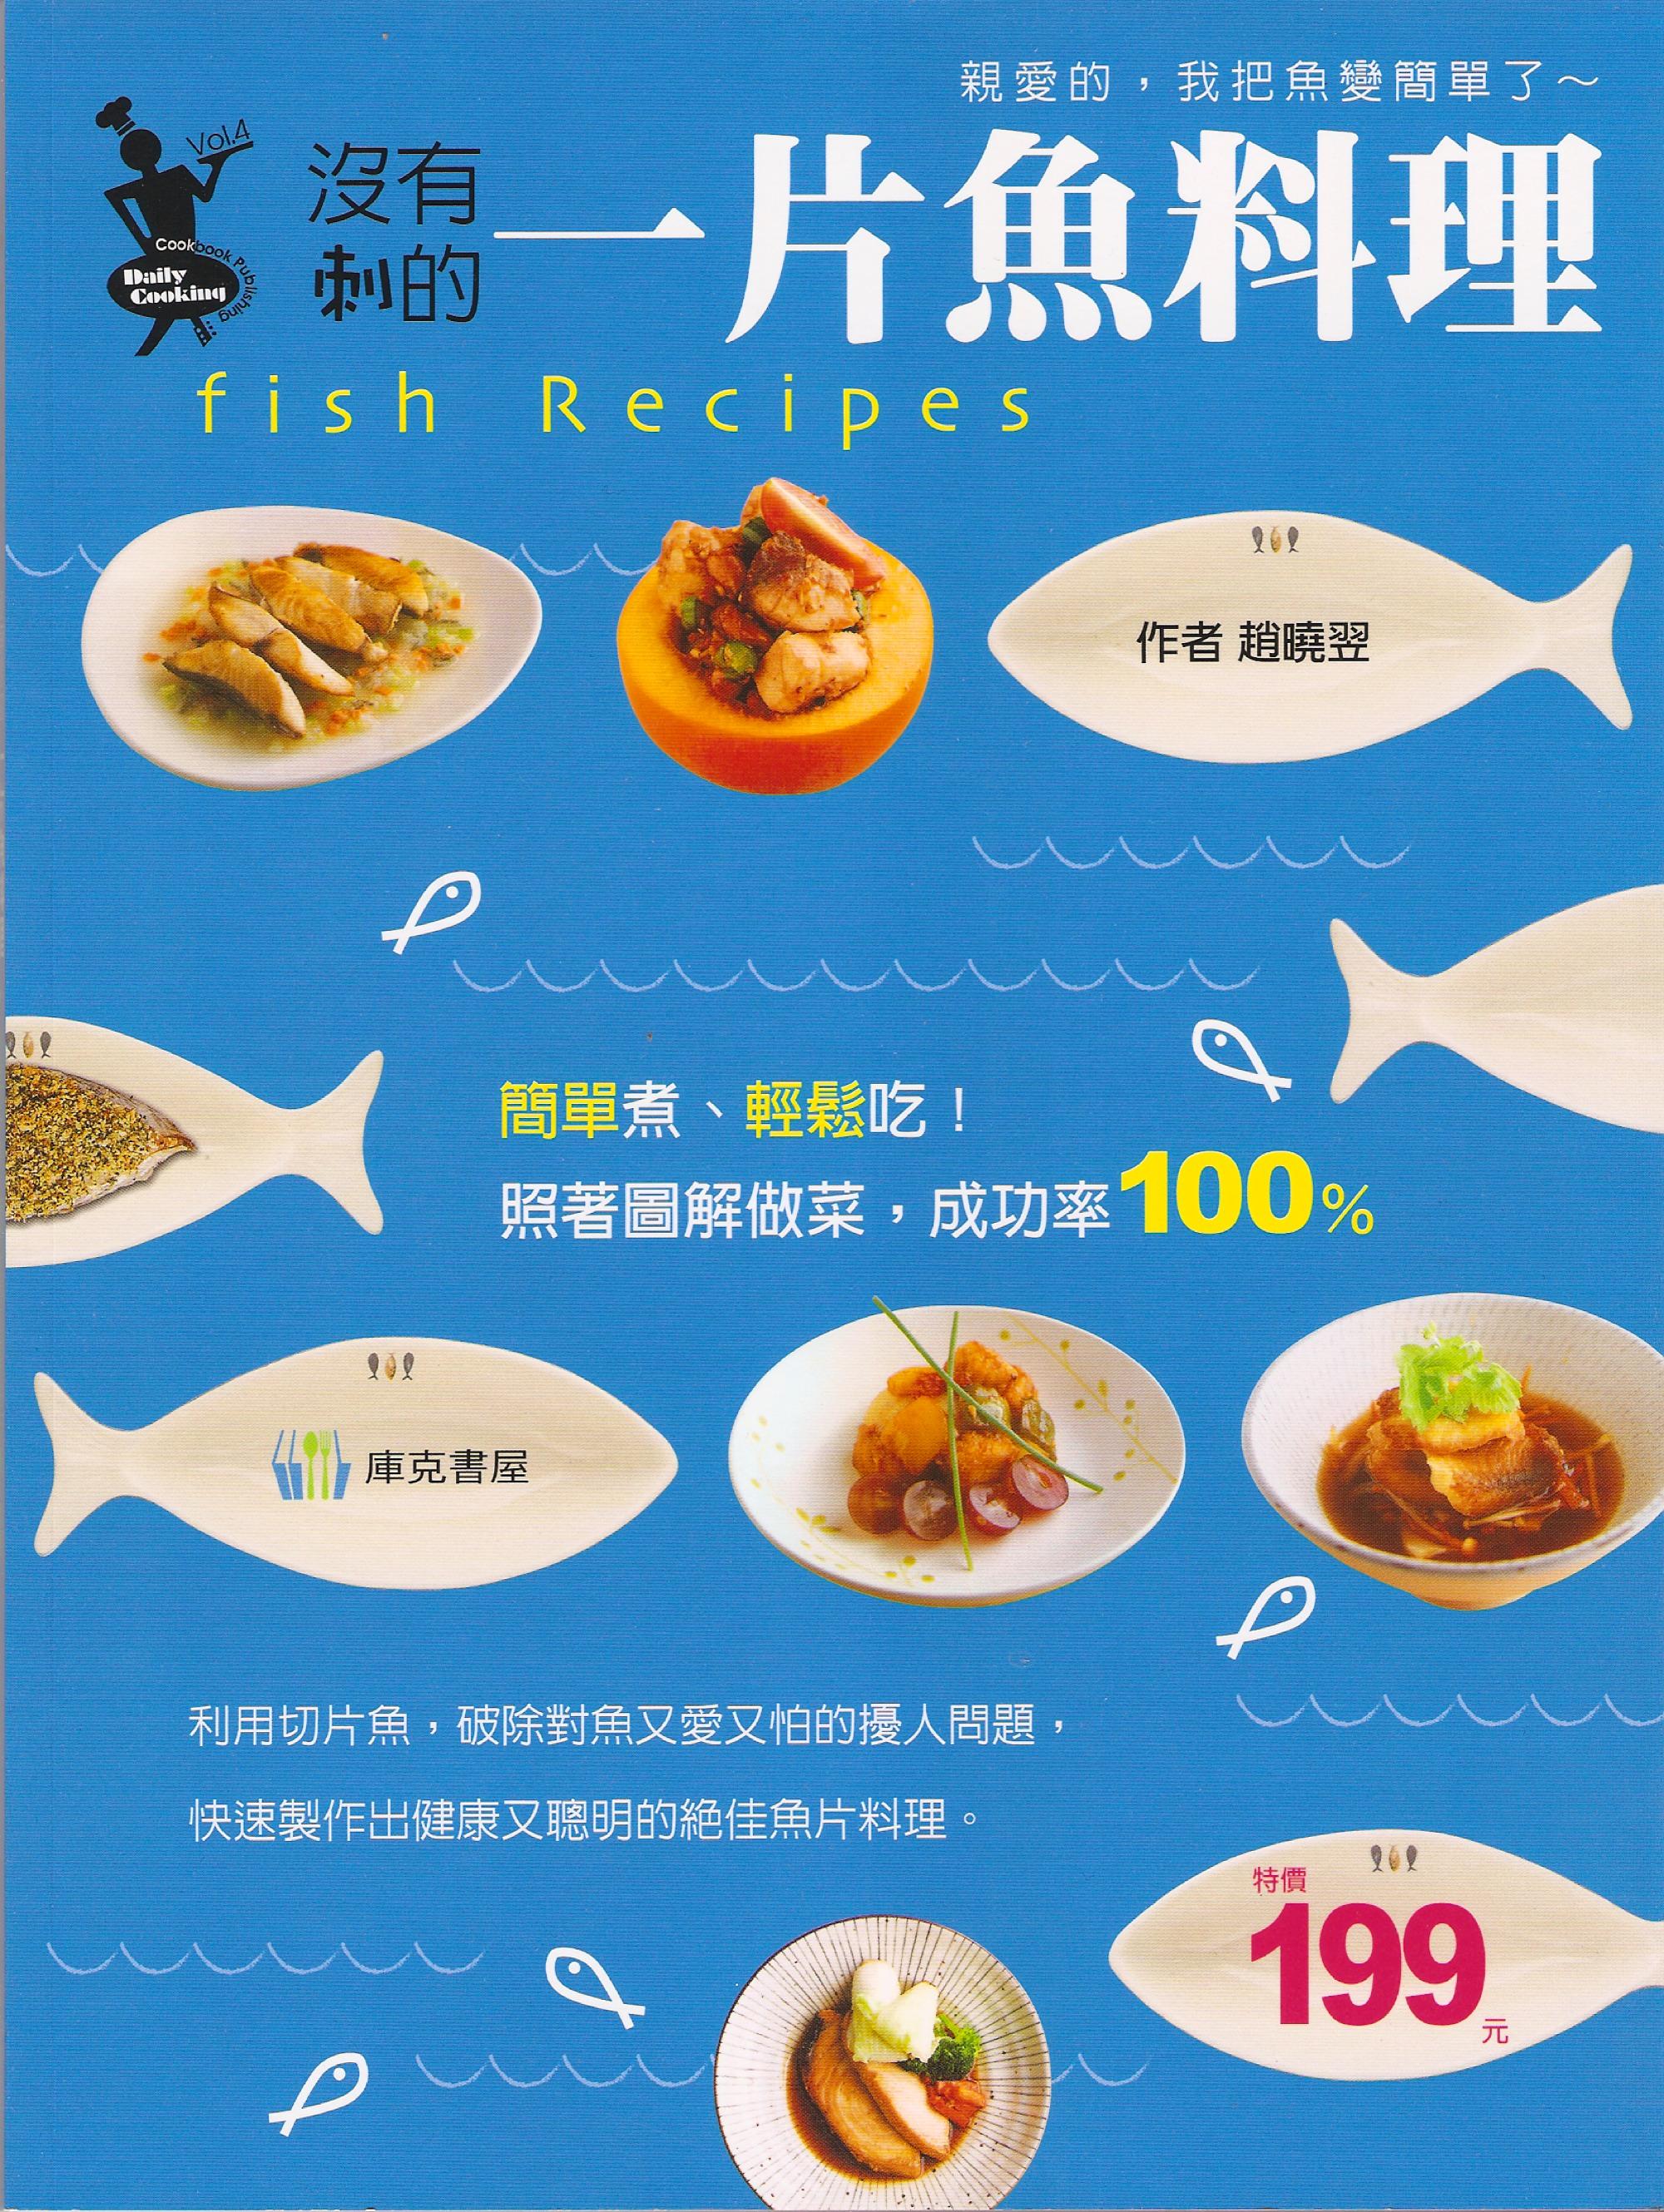 沒有刺的一片魚料理